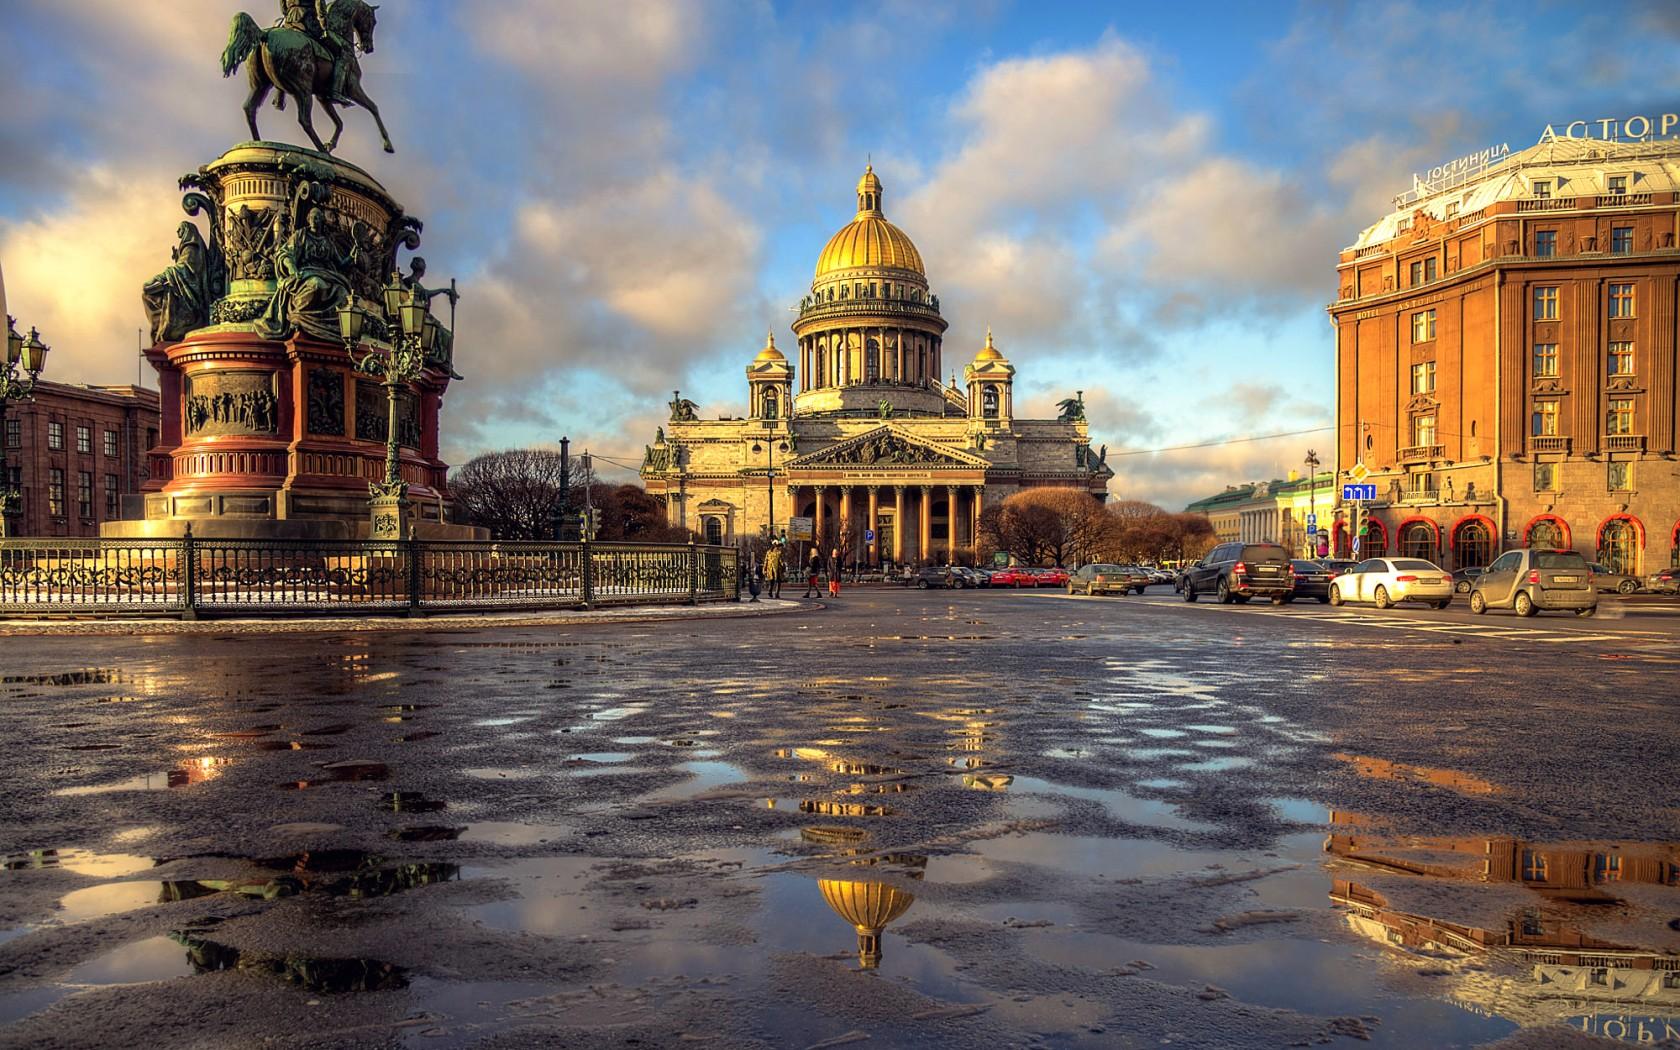 Тур в Санкт-Петербург из Уфы на 7 дней ⋆ Хазина Тур